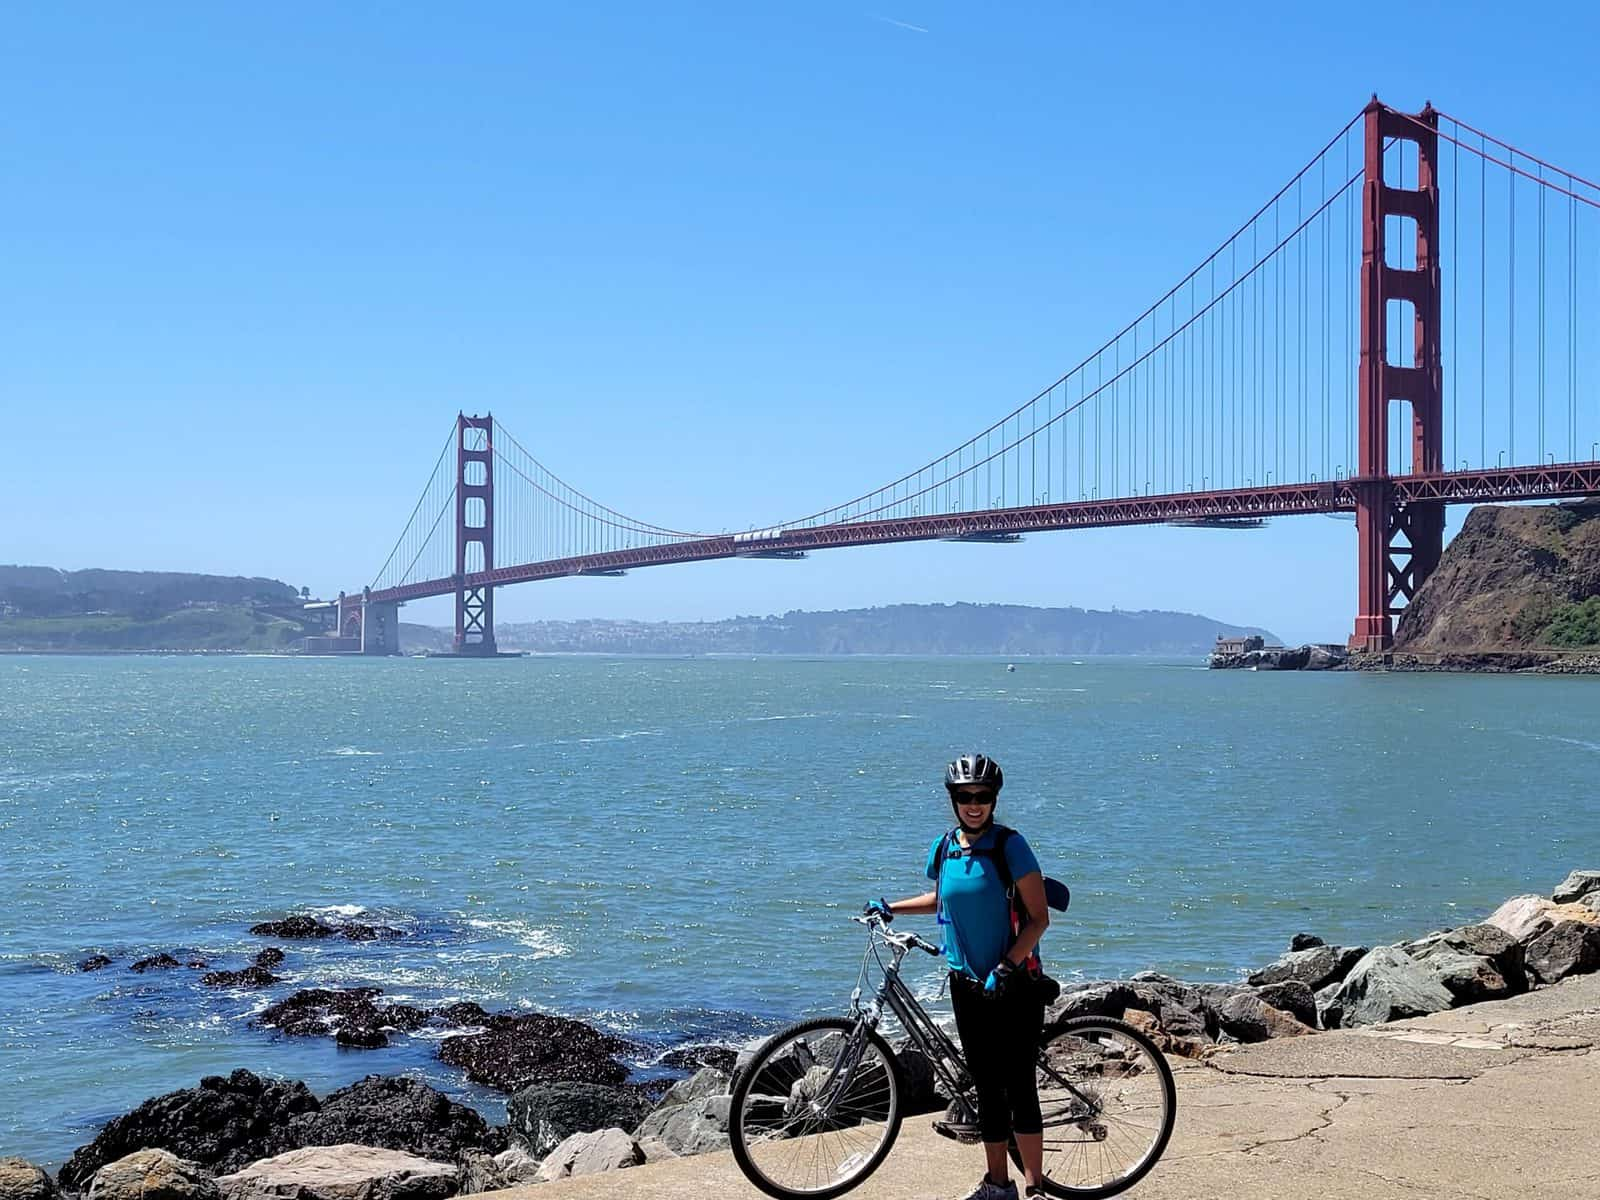 kara enjoying Golden Gate bridge views near battery yates in san Francisco